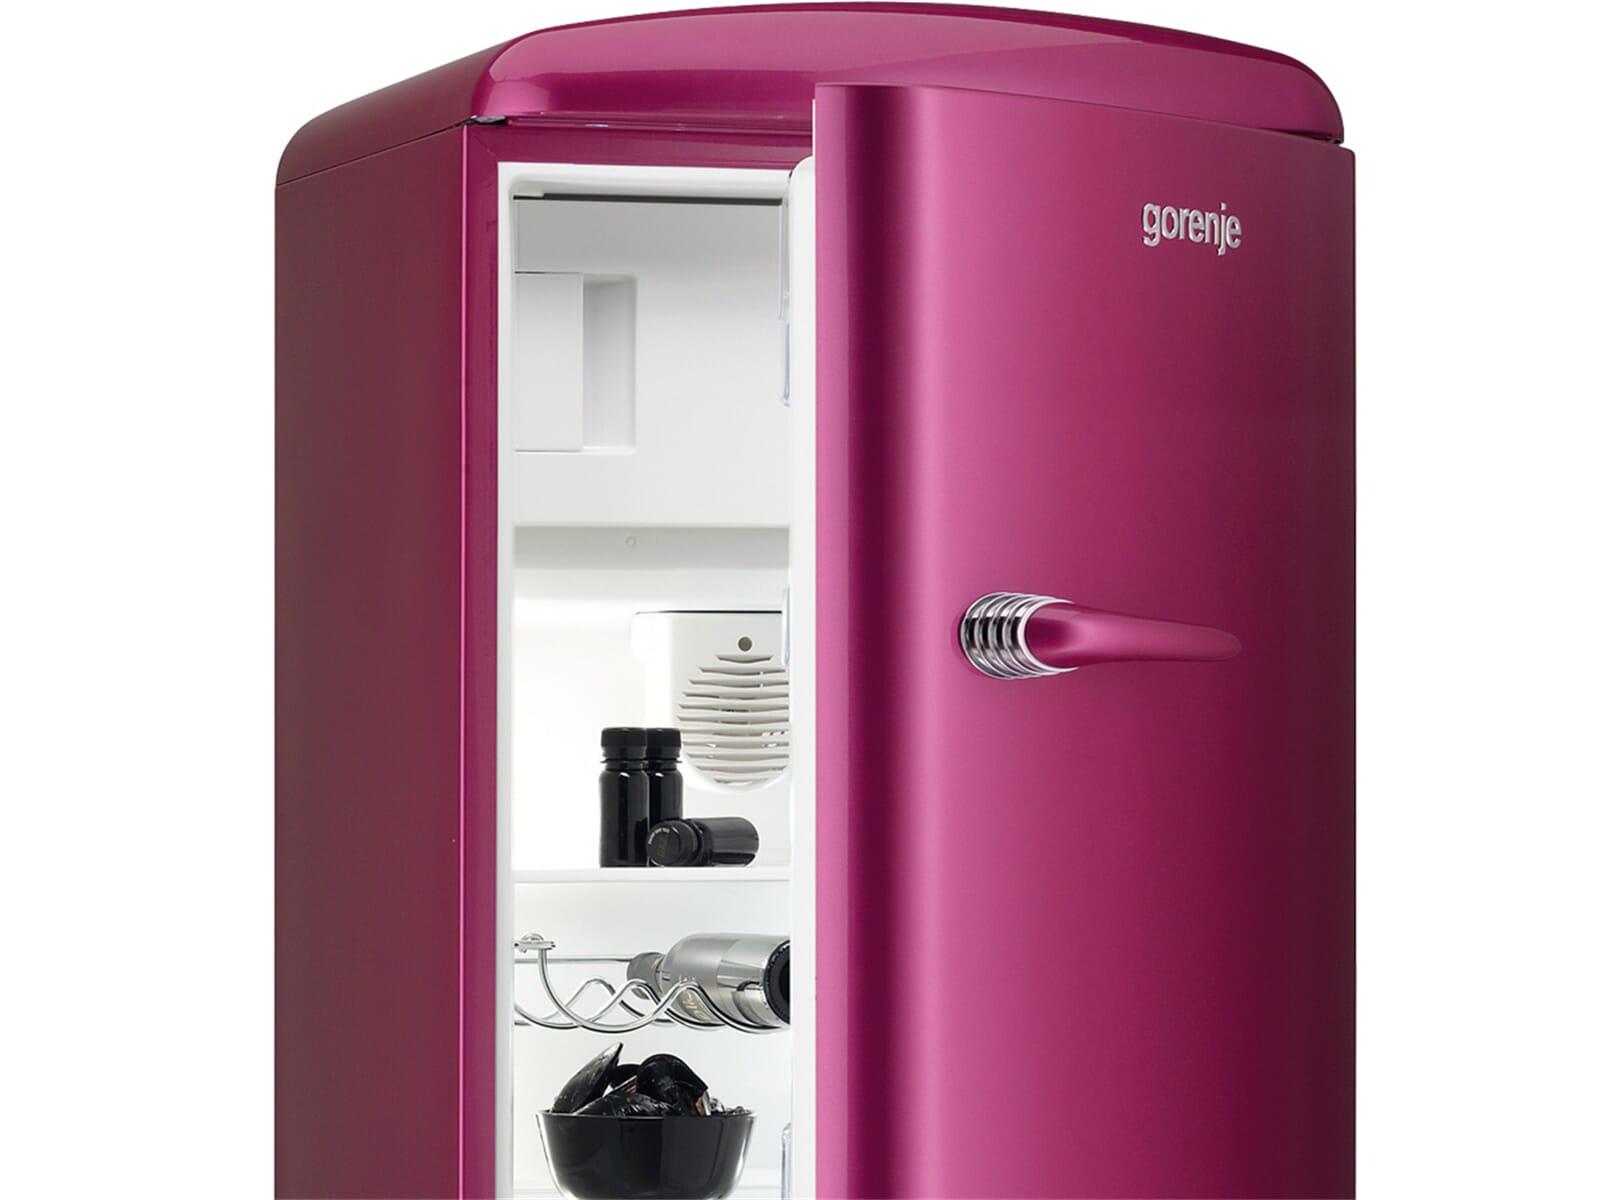 gorenje rb 60299 op stand k hlschrank pink ebay. Black Bedroom Furniture Sets. Home Design Ideas